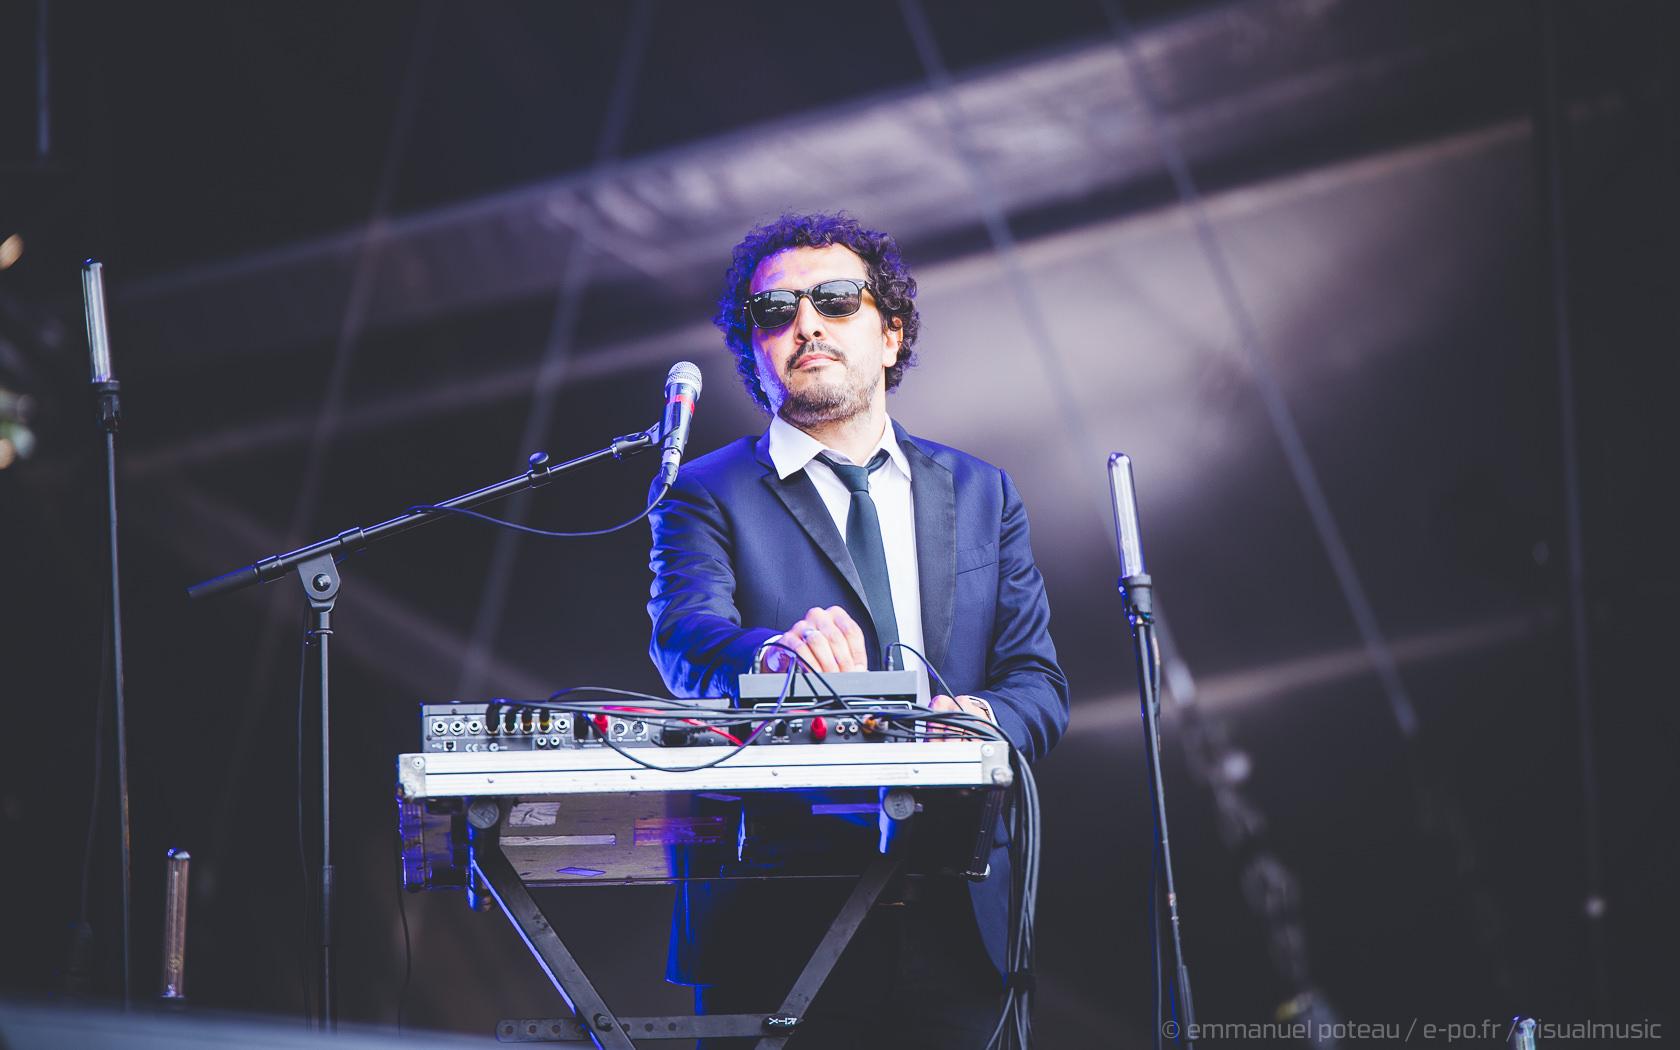 MainSquareFestival2018-EmmanuelPOTEAU-KF-2